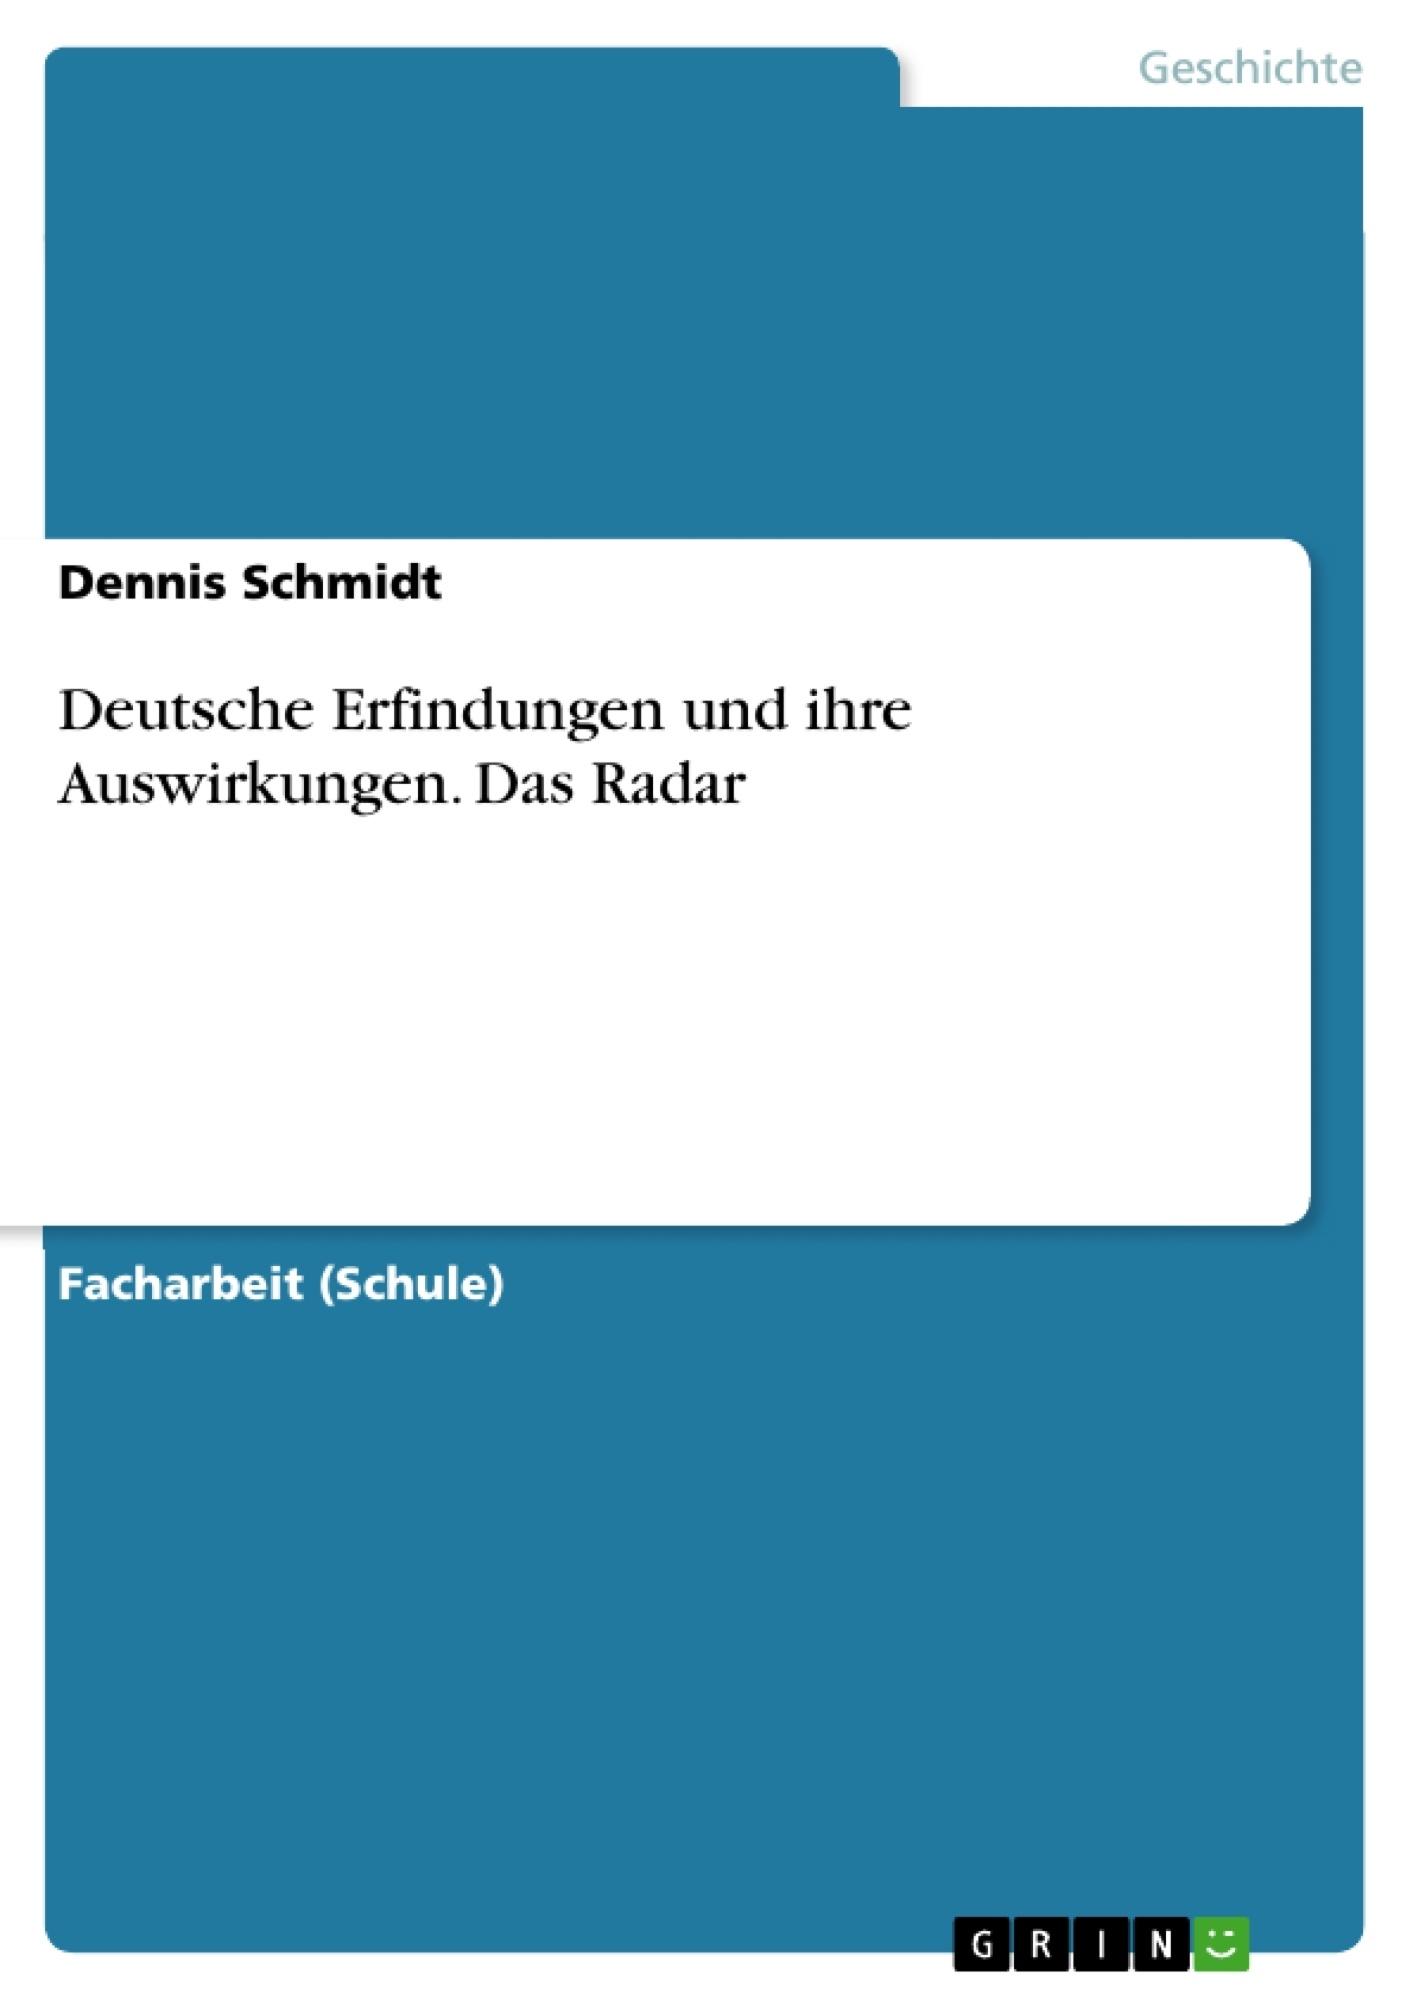 Titel: Deutsche Erfindungen und ihre Auswirkungen. Das Radar